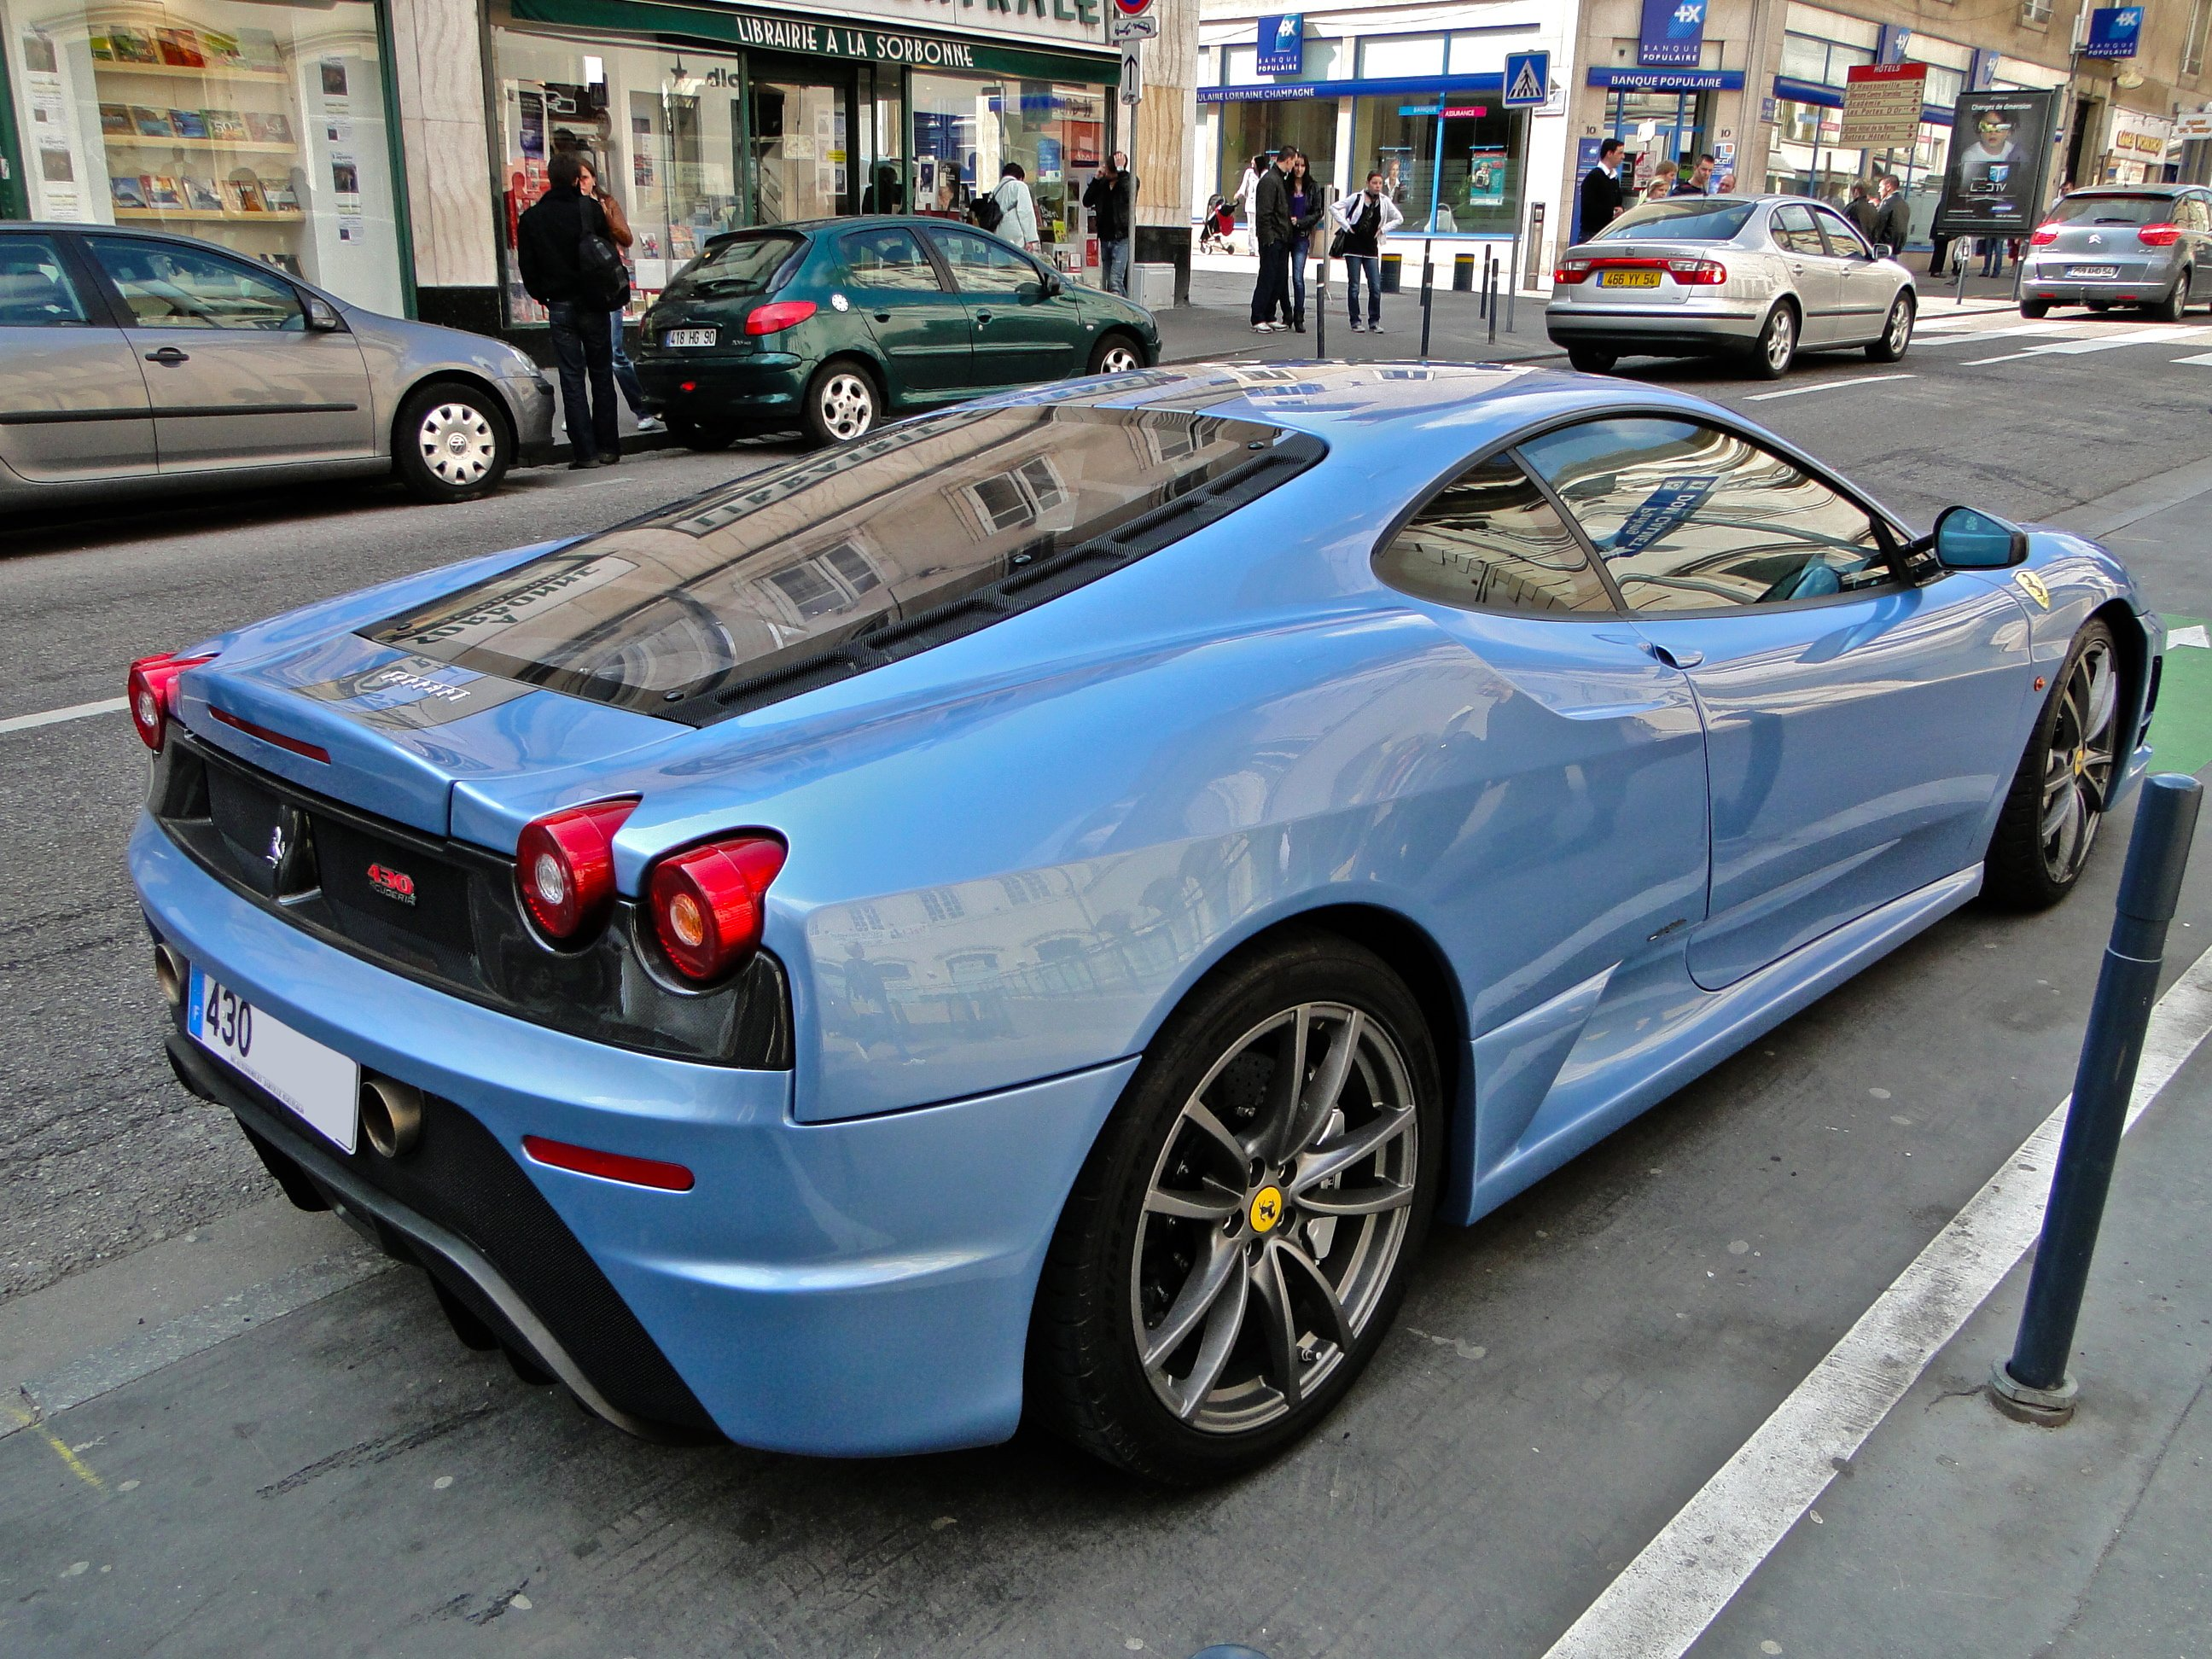 Coupe F430 Ferrari Italia Scuderia Supercar Blue Blu Wallpaper 2592x1944 428469 Wallpaperup